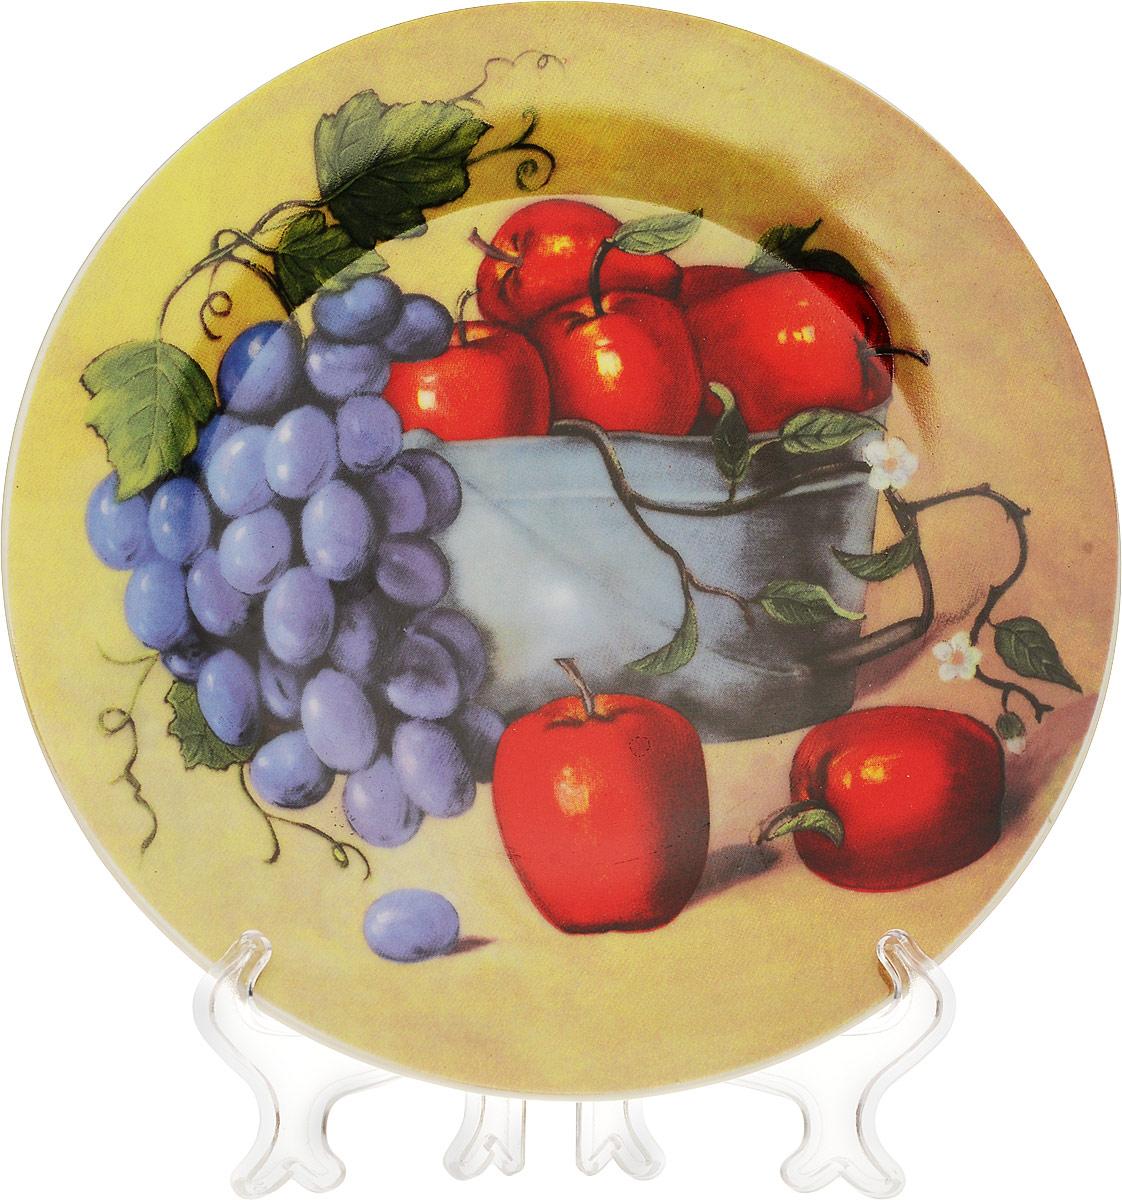 Тарелка декоративная Натюрморт с яблоками, диаметр 18 см515-477Декоративная тарелка Натюрморт с яблоками станет достойным украшением вашего интерьера. Сувенирная тарелка выполнена из фарфора, декорирована оригинальным красочным рисунком. В комплект с тарелкой входит пластиковая подставка. Тарелка сочетает в себе изысканный дизайн и красочность оформления, которая придется по вкусу и ценителям классики, и тем, кто предпочитает утонченность и изящность. А также такая тарелка послужит хорошим подарком, для людей, ценящих красивые и оригинальные вещи.